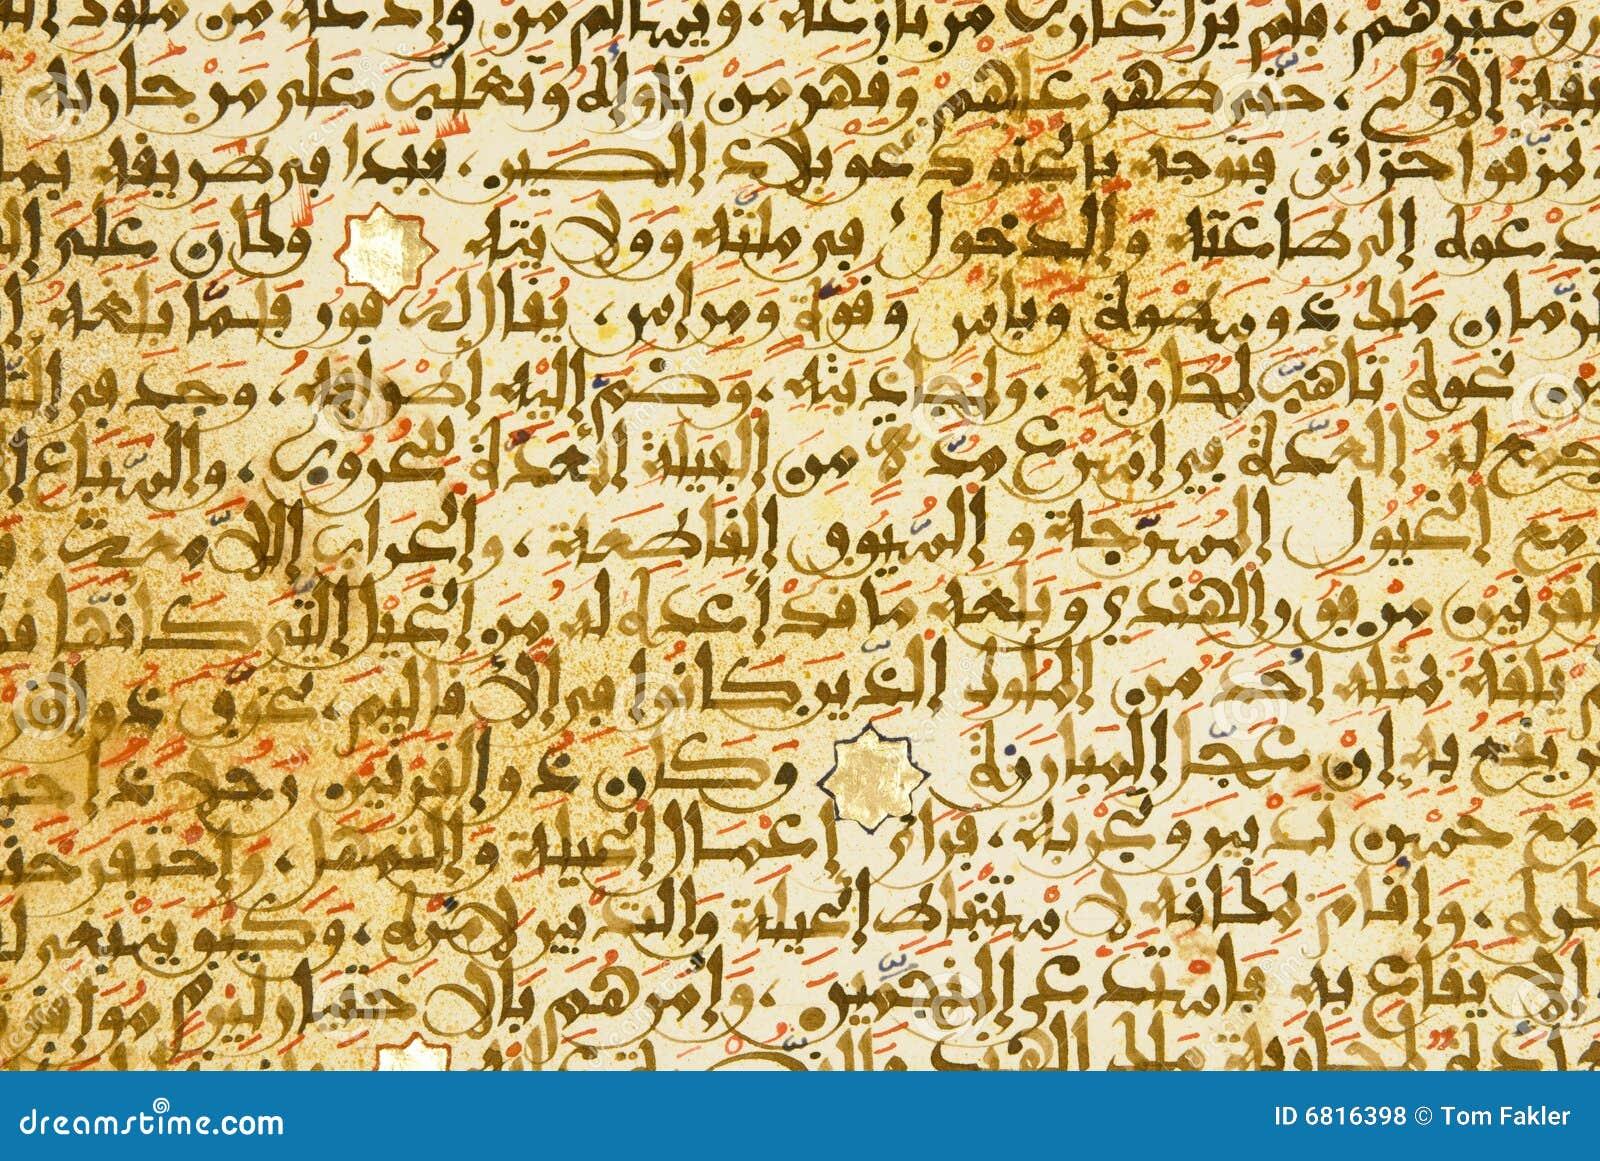 Manuscrito árabe De La Caligrafía En El Papel Foto de archivo ...